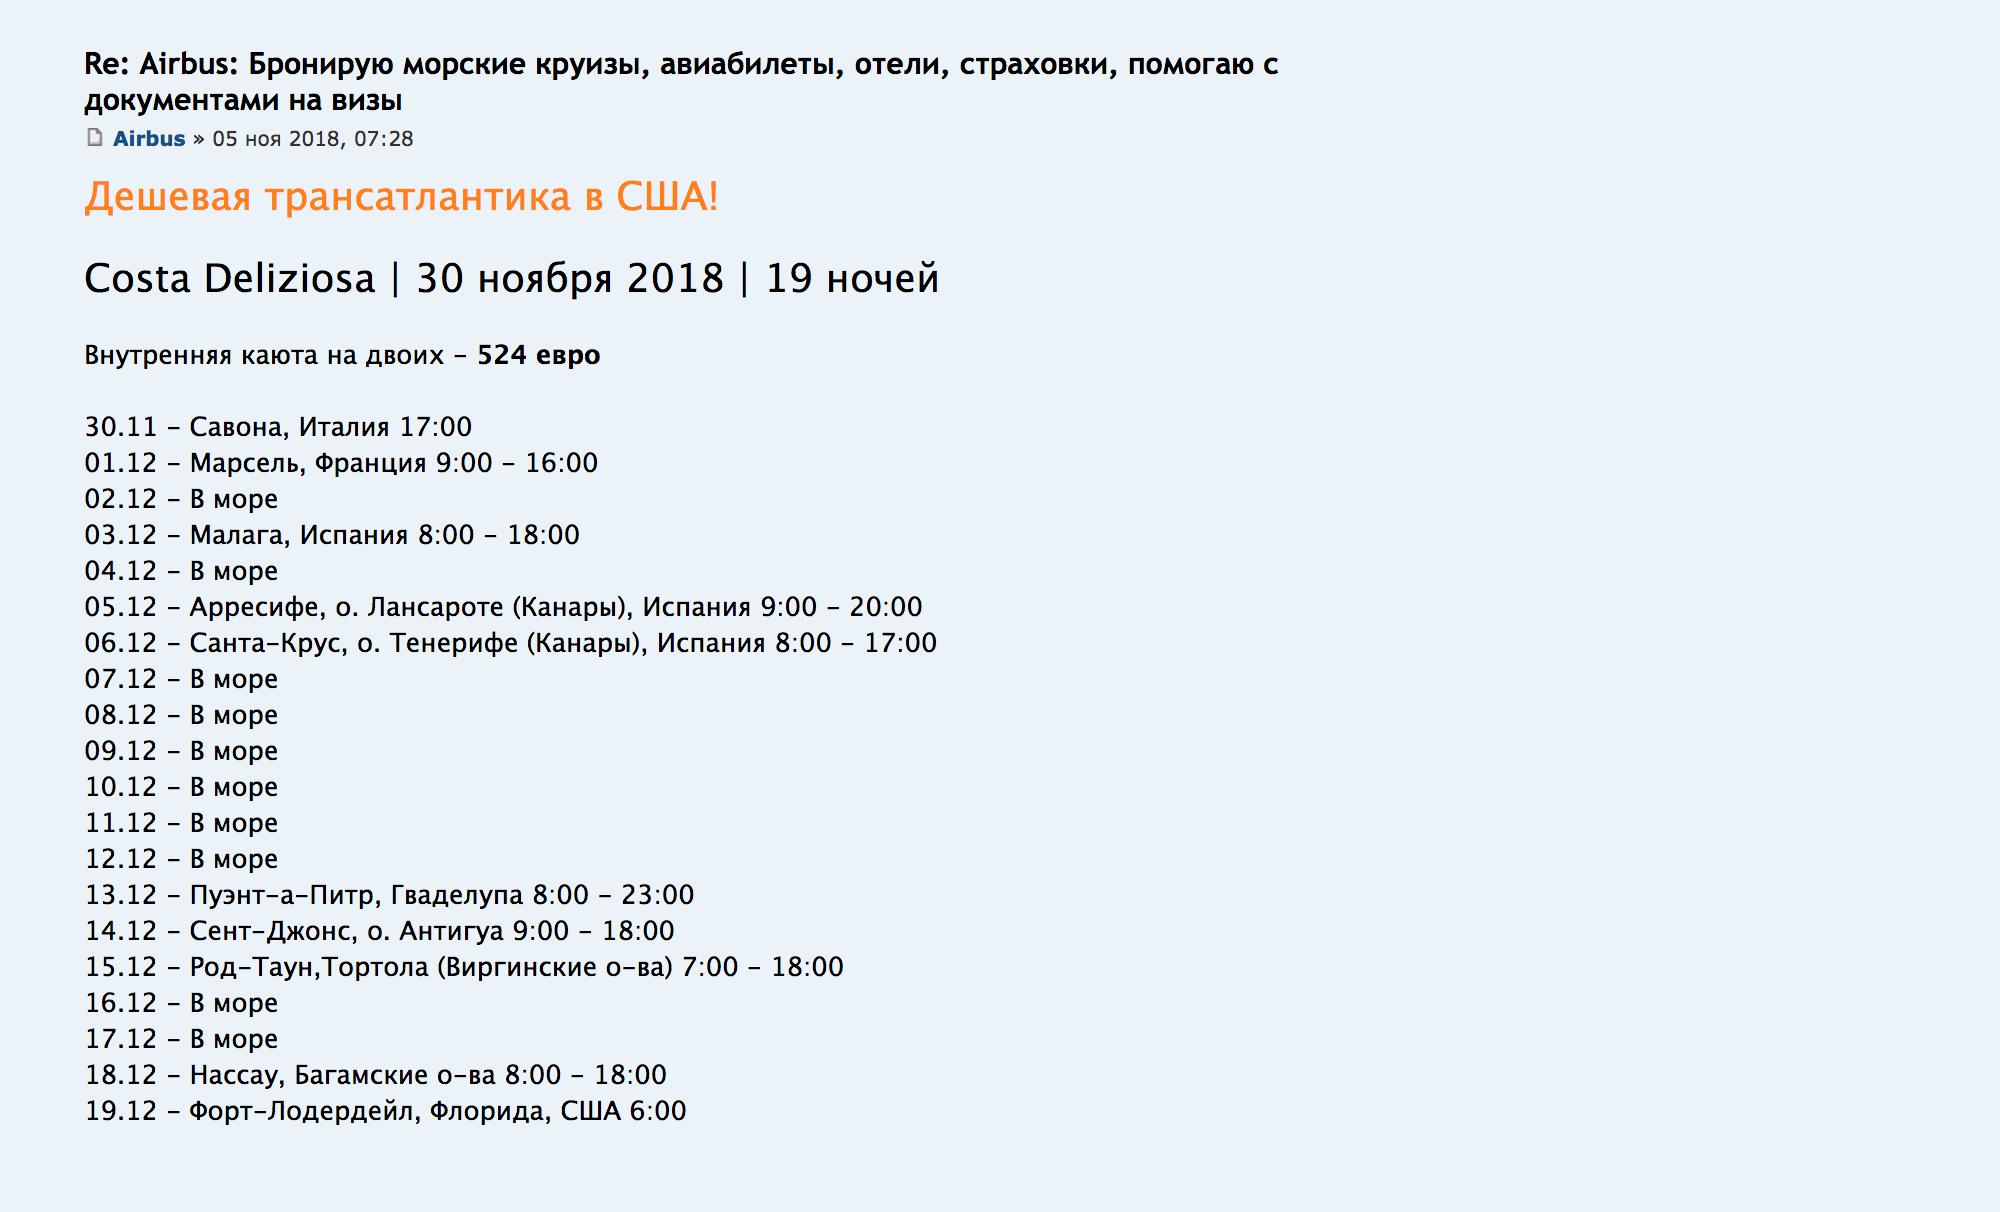 «Перегонный» трансатлантический круиз с Канарами, Карибами и Америкой за 14€ (994рубля) в сутки